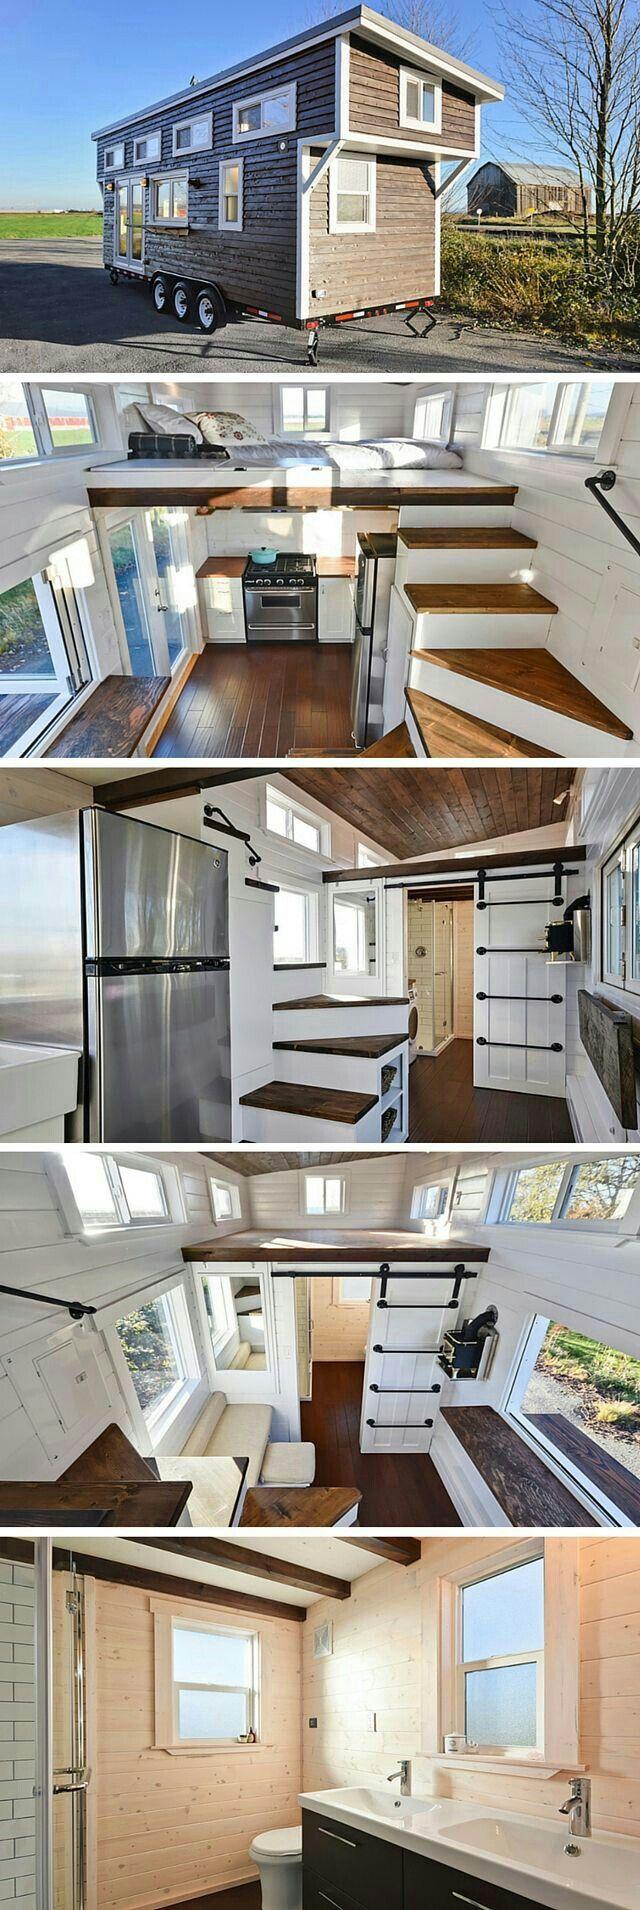 ideen f r dein tiny haus tiny home und mini haus tiny house bauen und einrichten ob station r. Black Bedroom Furniture Sets. Home Design Ideas